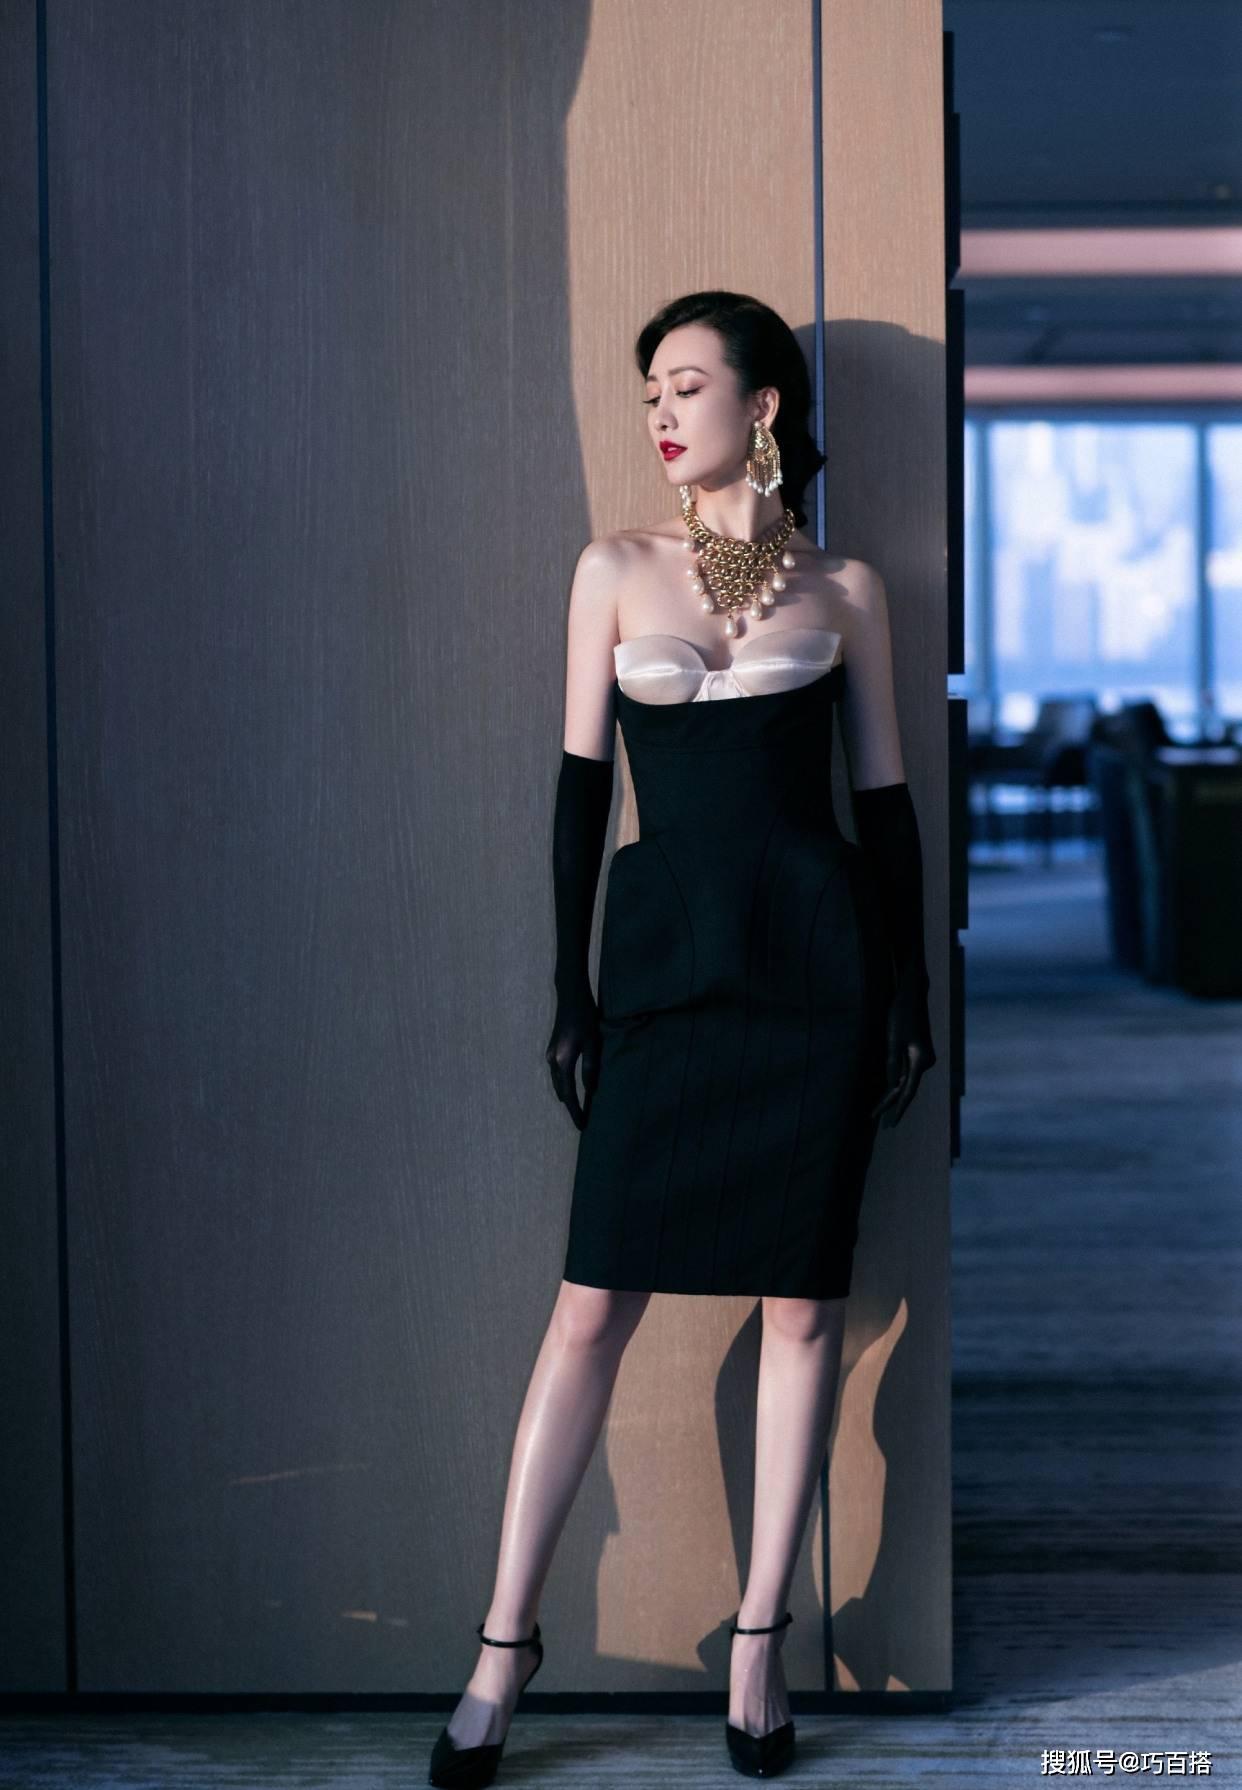 王鸥这也太好看了!修身连衣裙勾勒s曲线,成熟女人的韵味